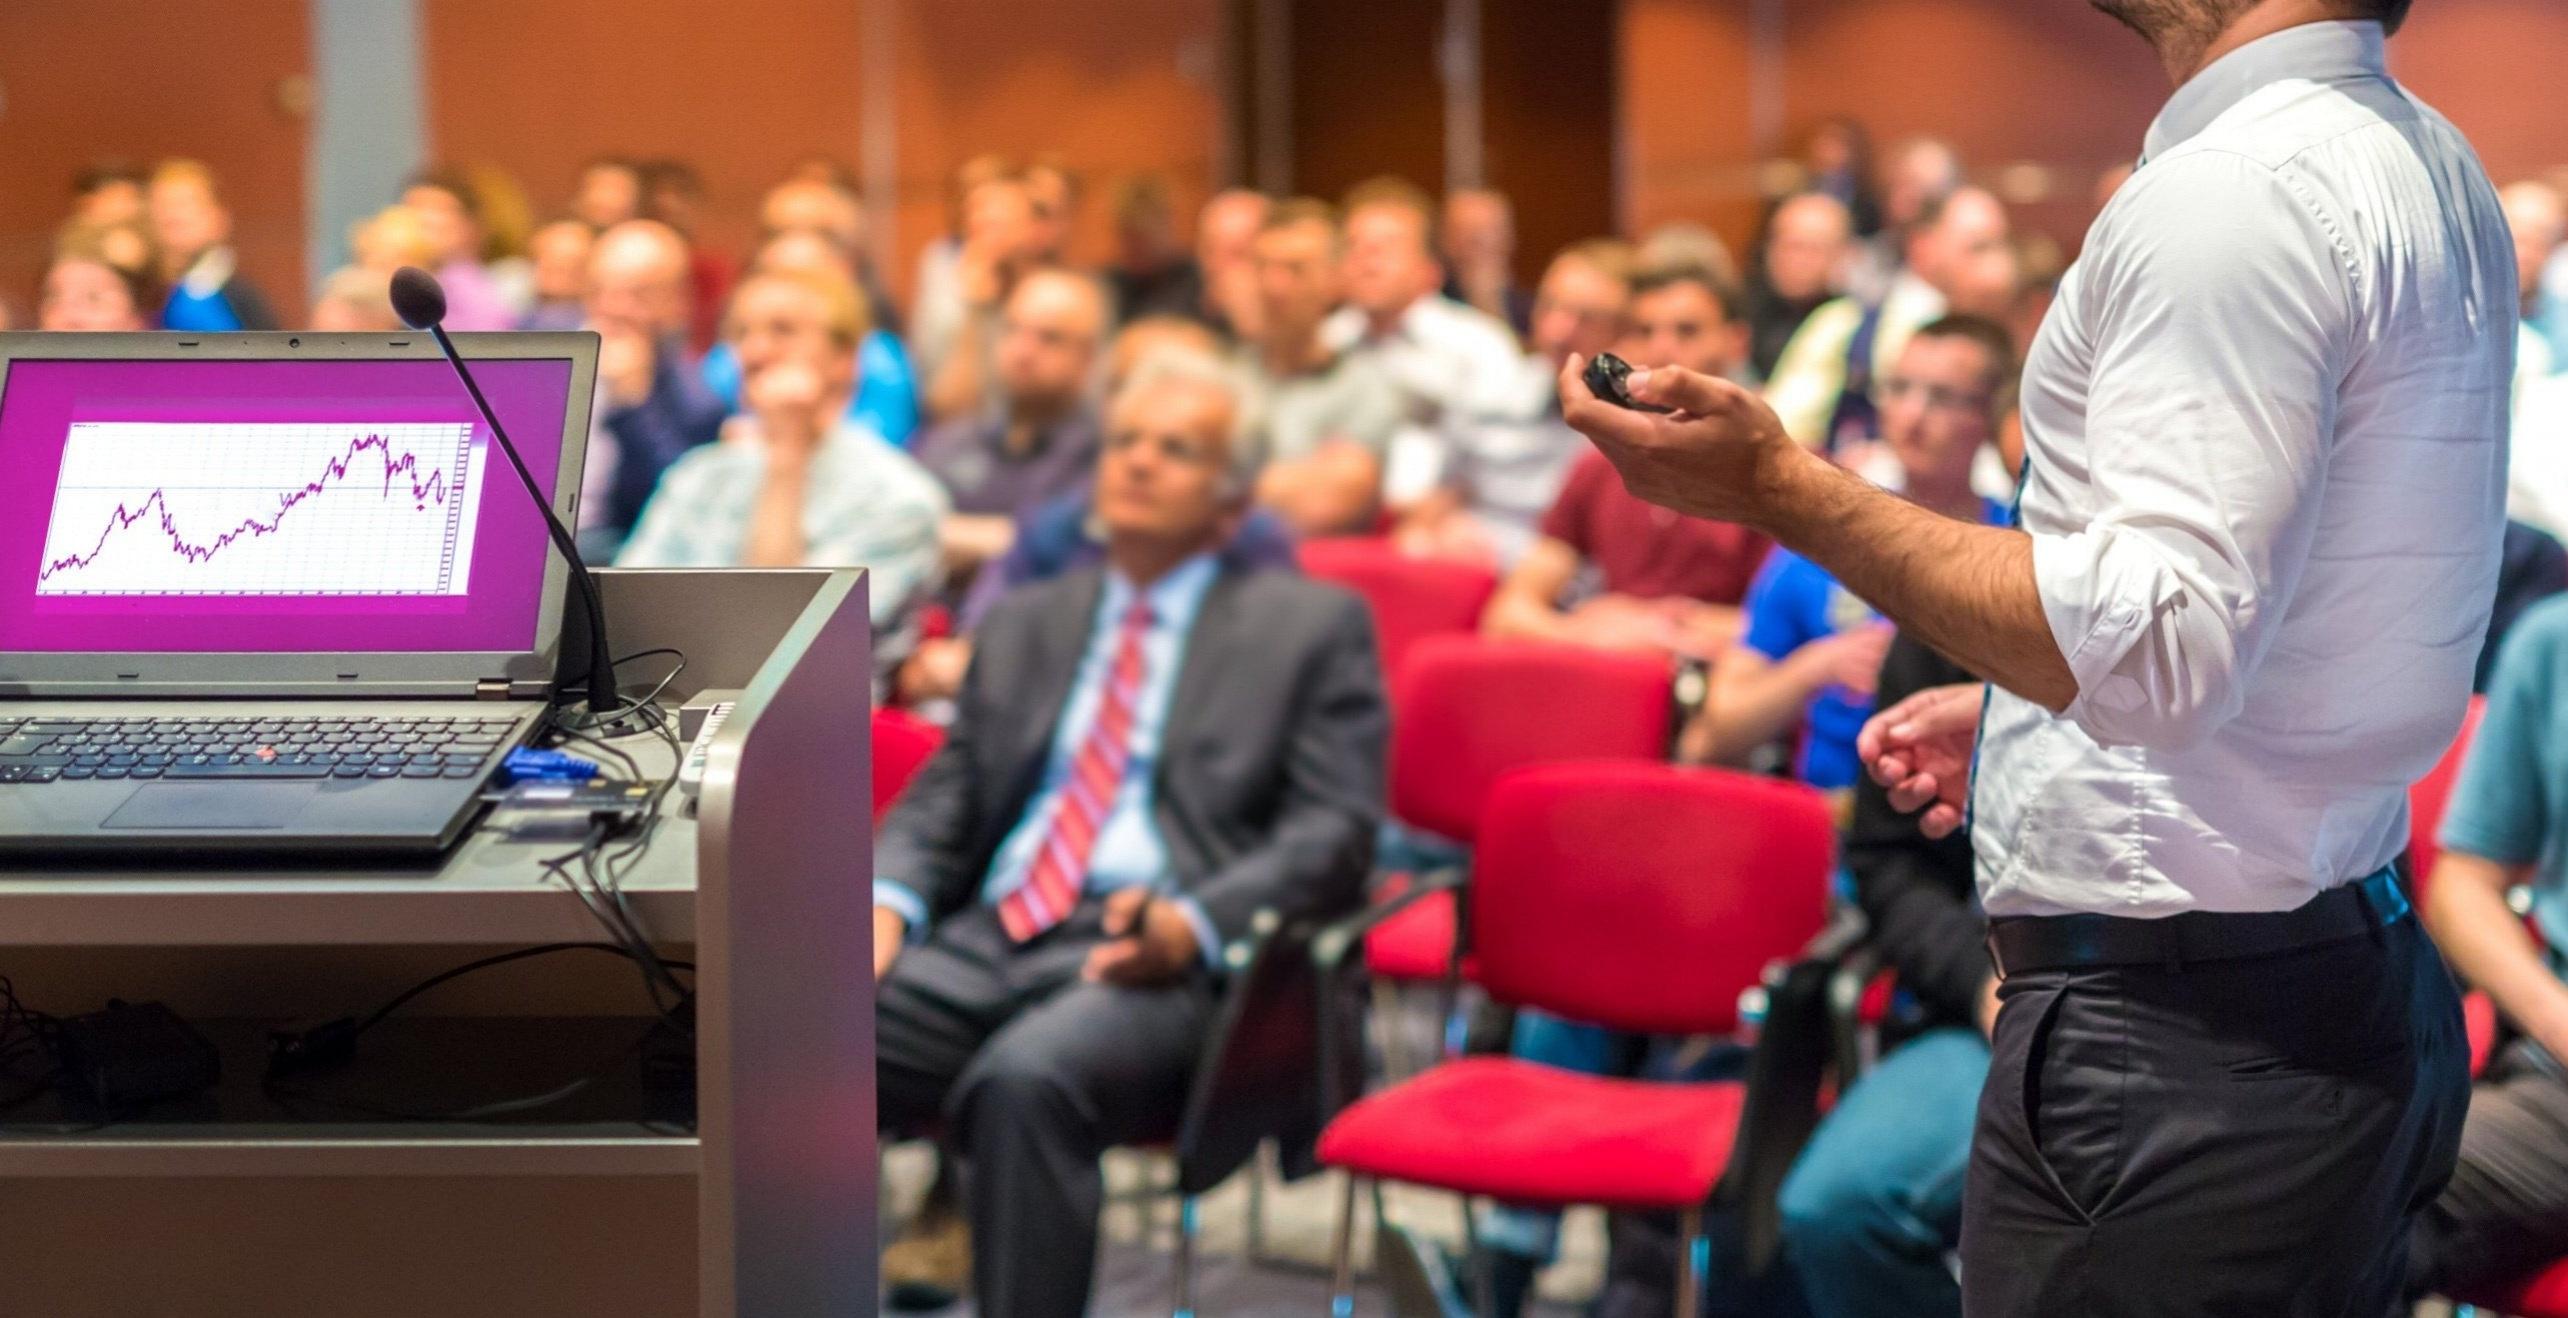 Aktionärhauptversammlung Unterlagen Informationen Unternehmen AG